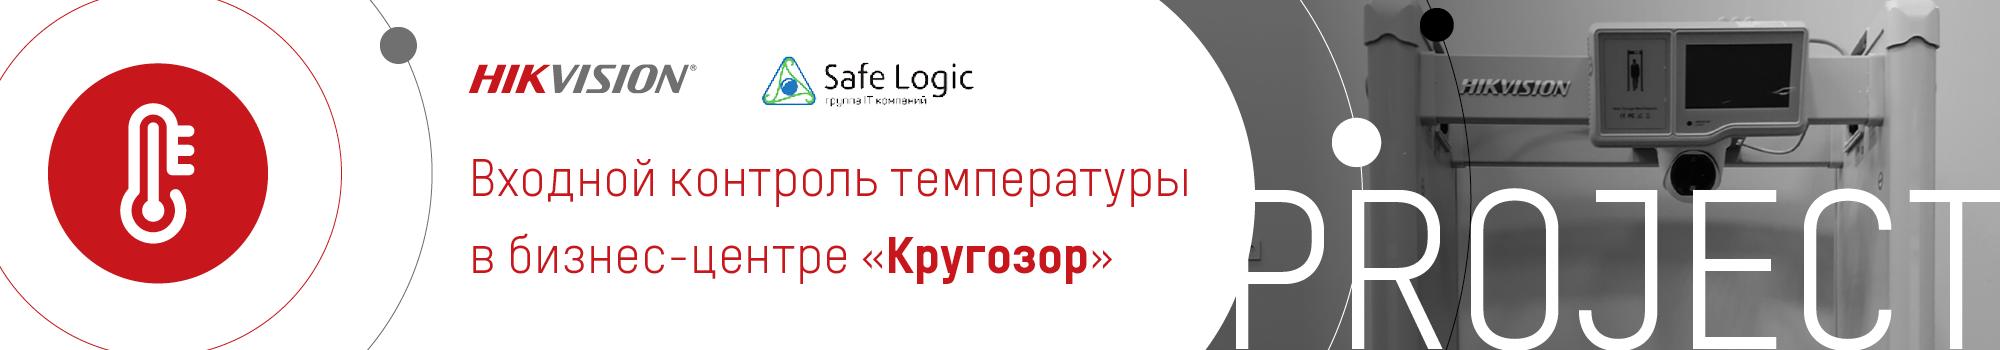 case_safe_logic2